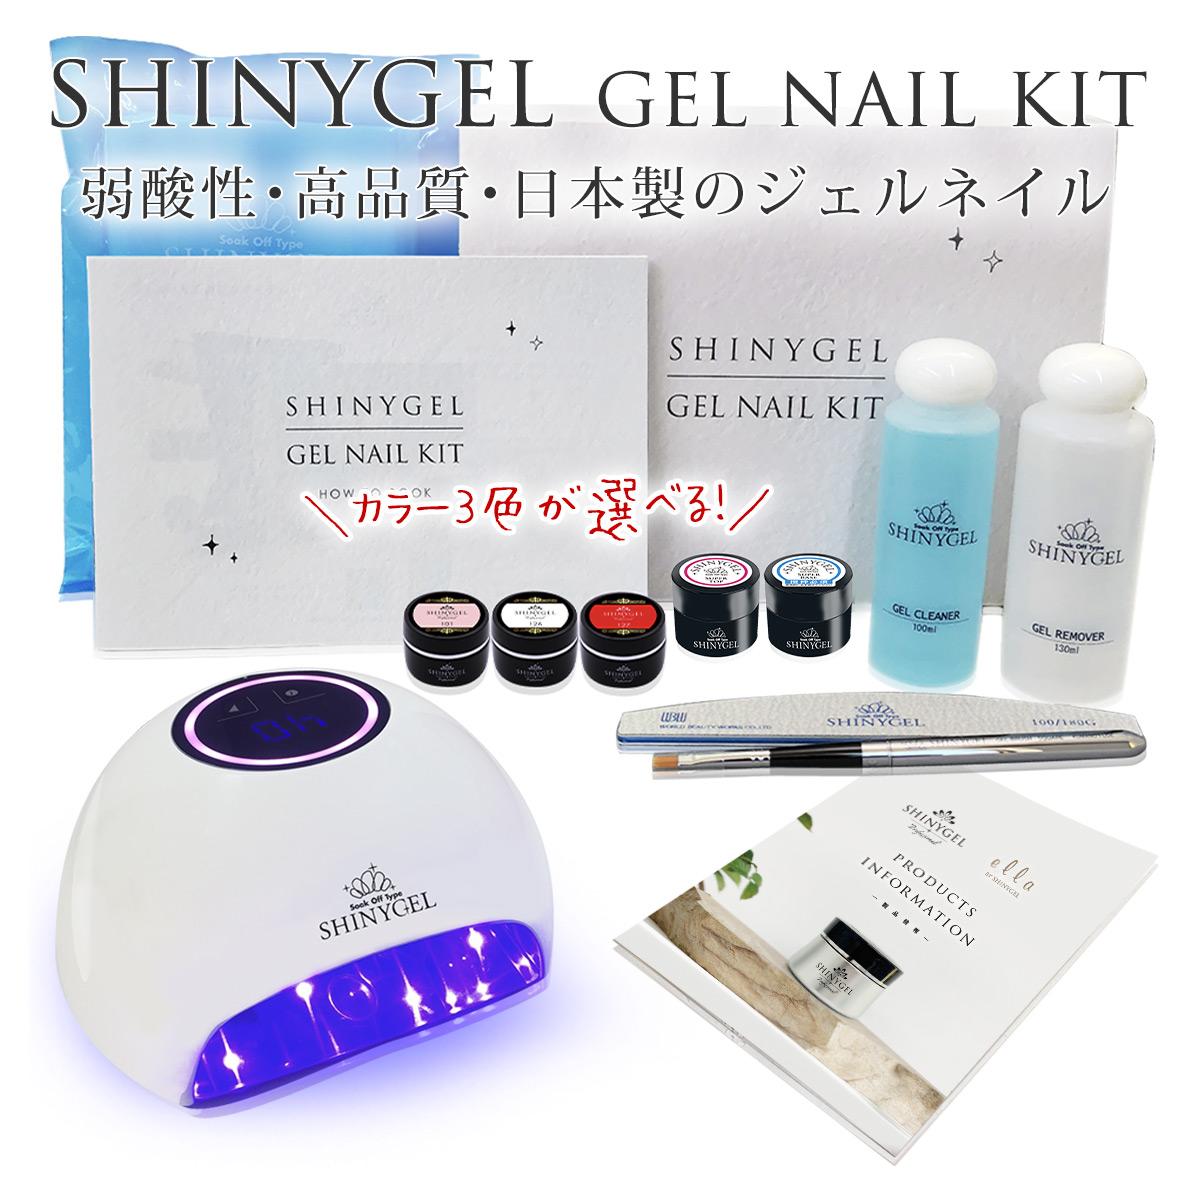 ◎【レビューを書いてプレゼントGET】[LED]≪限定セット16W≫SHINYGEL(シャイニージェル):ジェルネイルキット(16W LEDランプ付) $